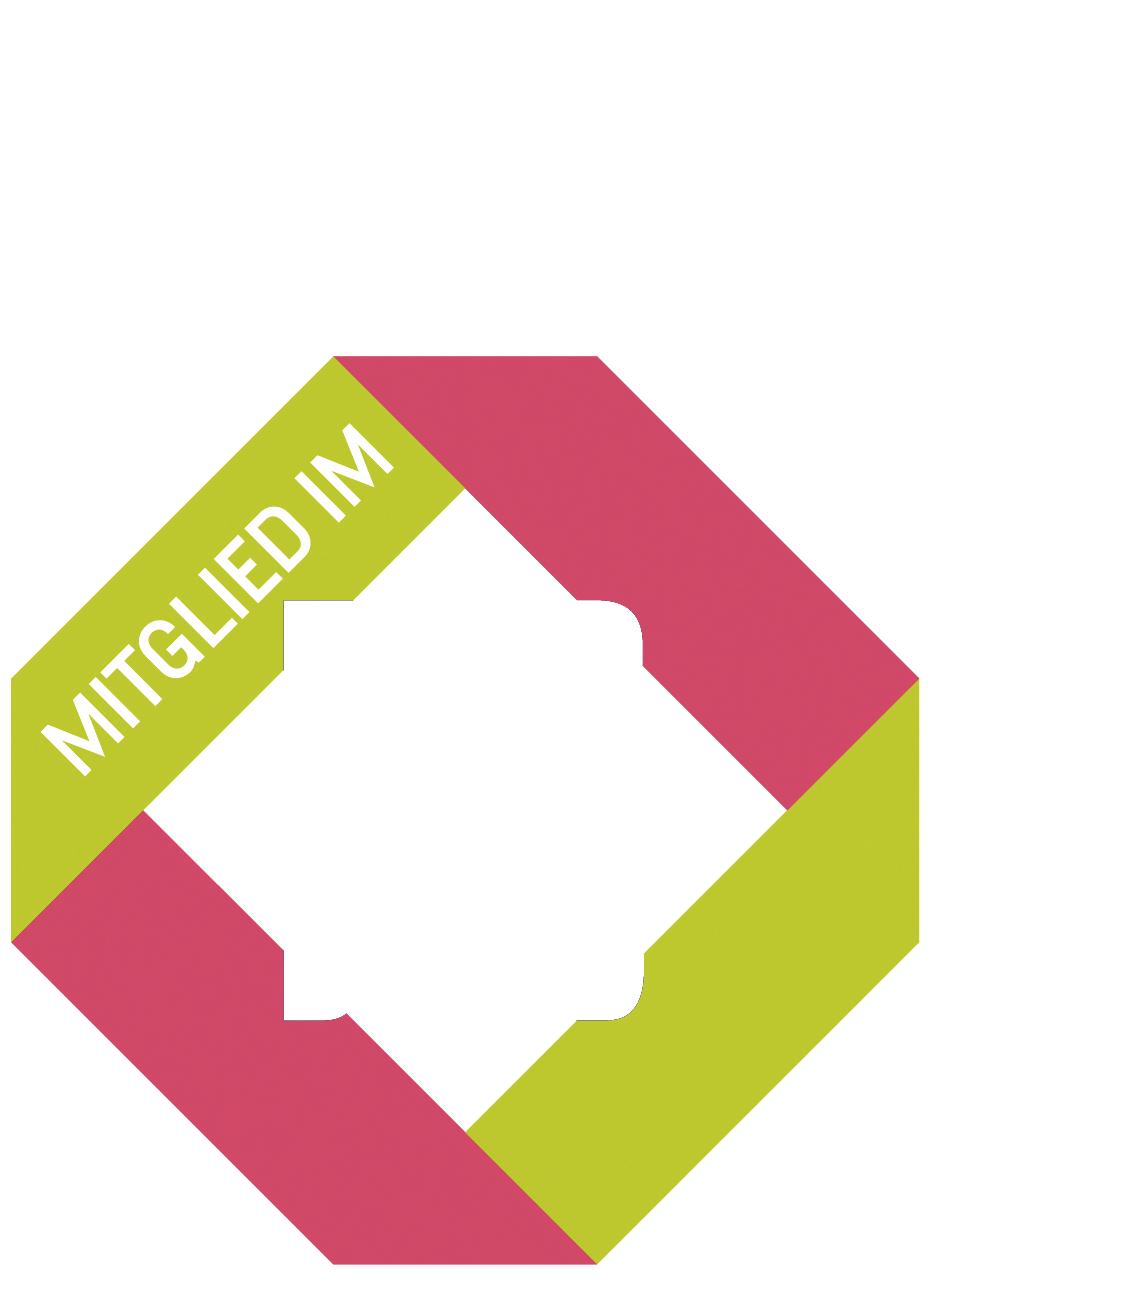 fair-band_logo